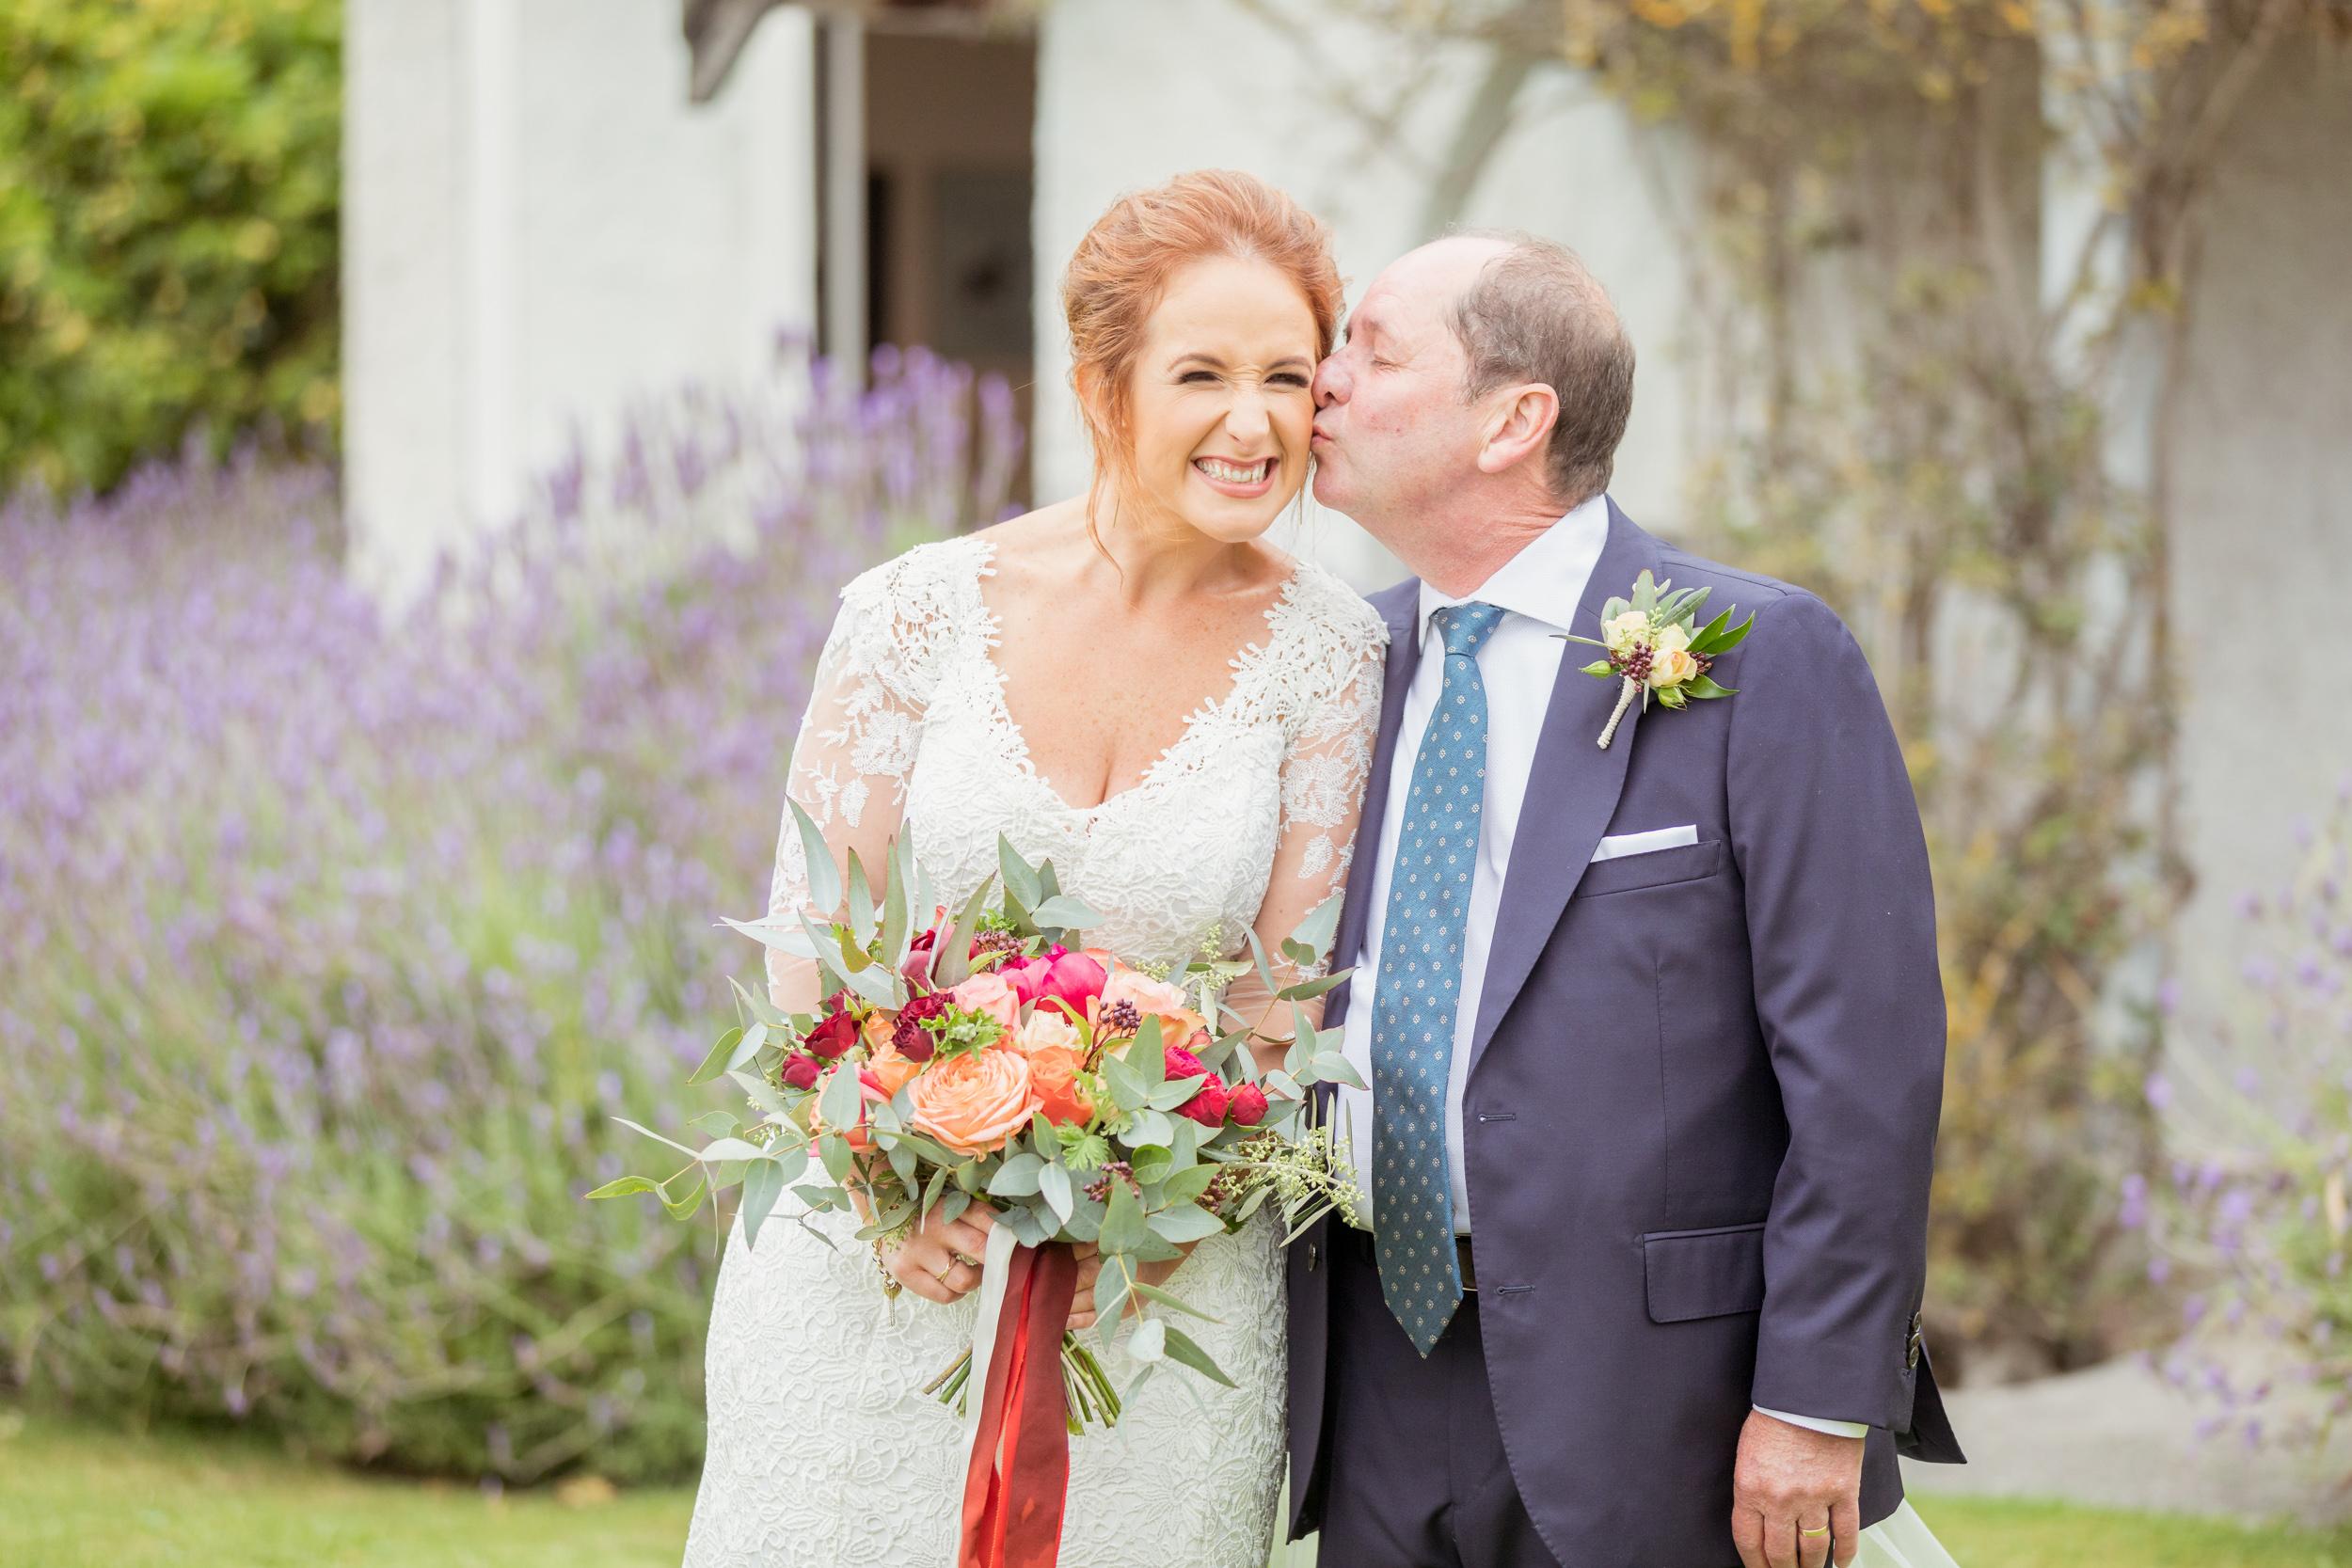 father-bride-hawkes-bay-weddings